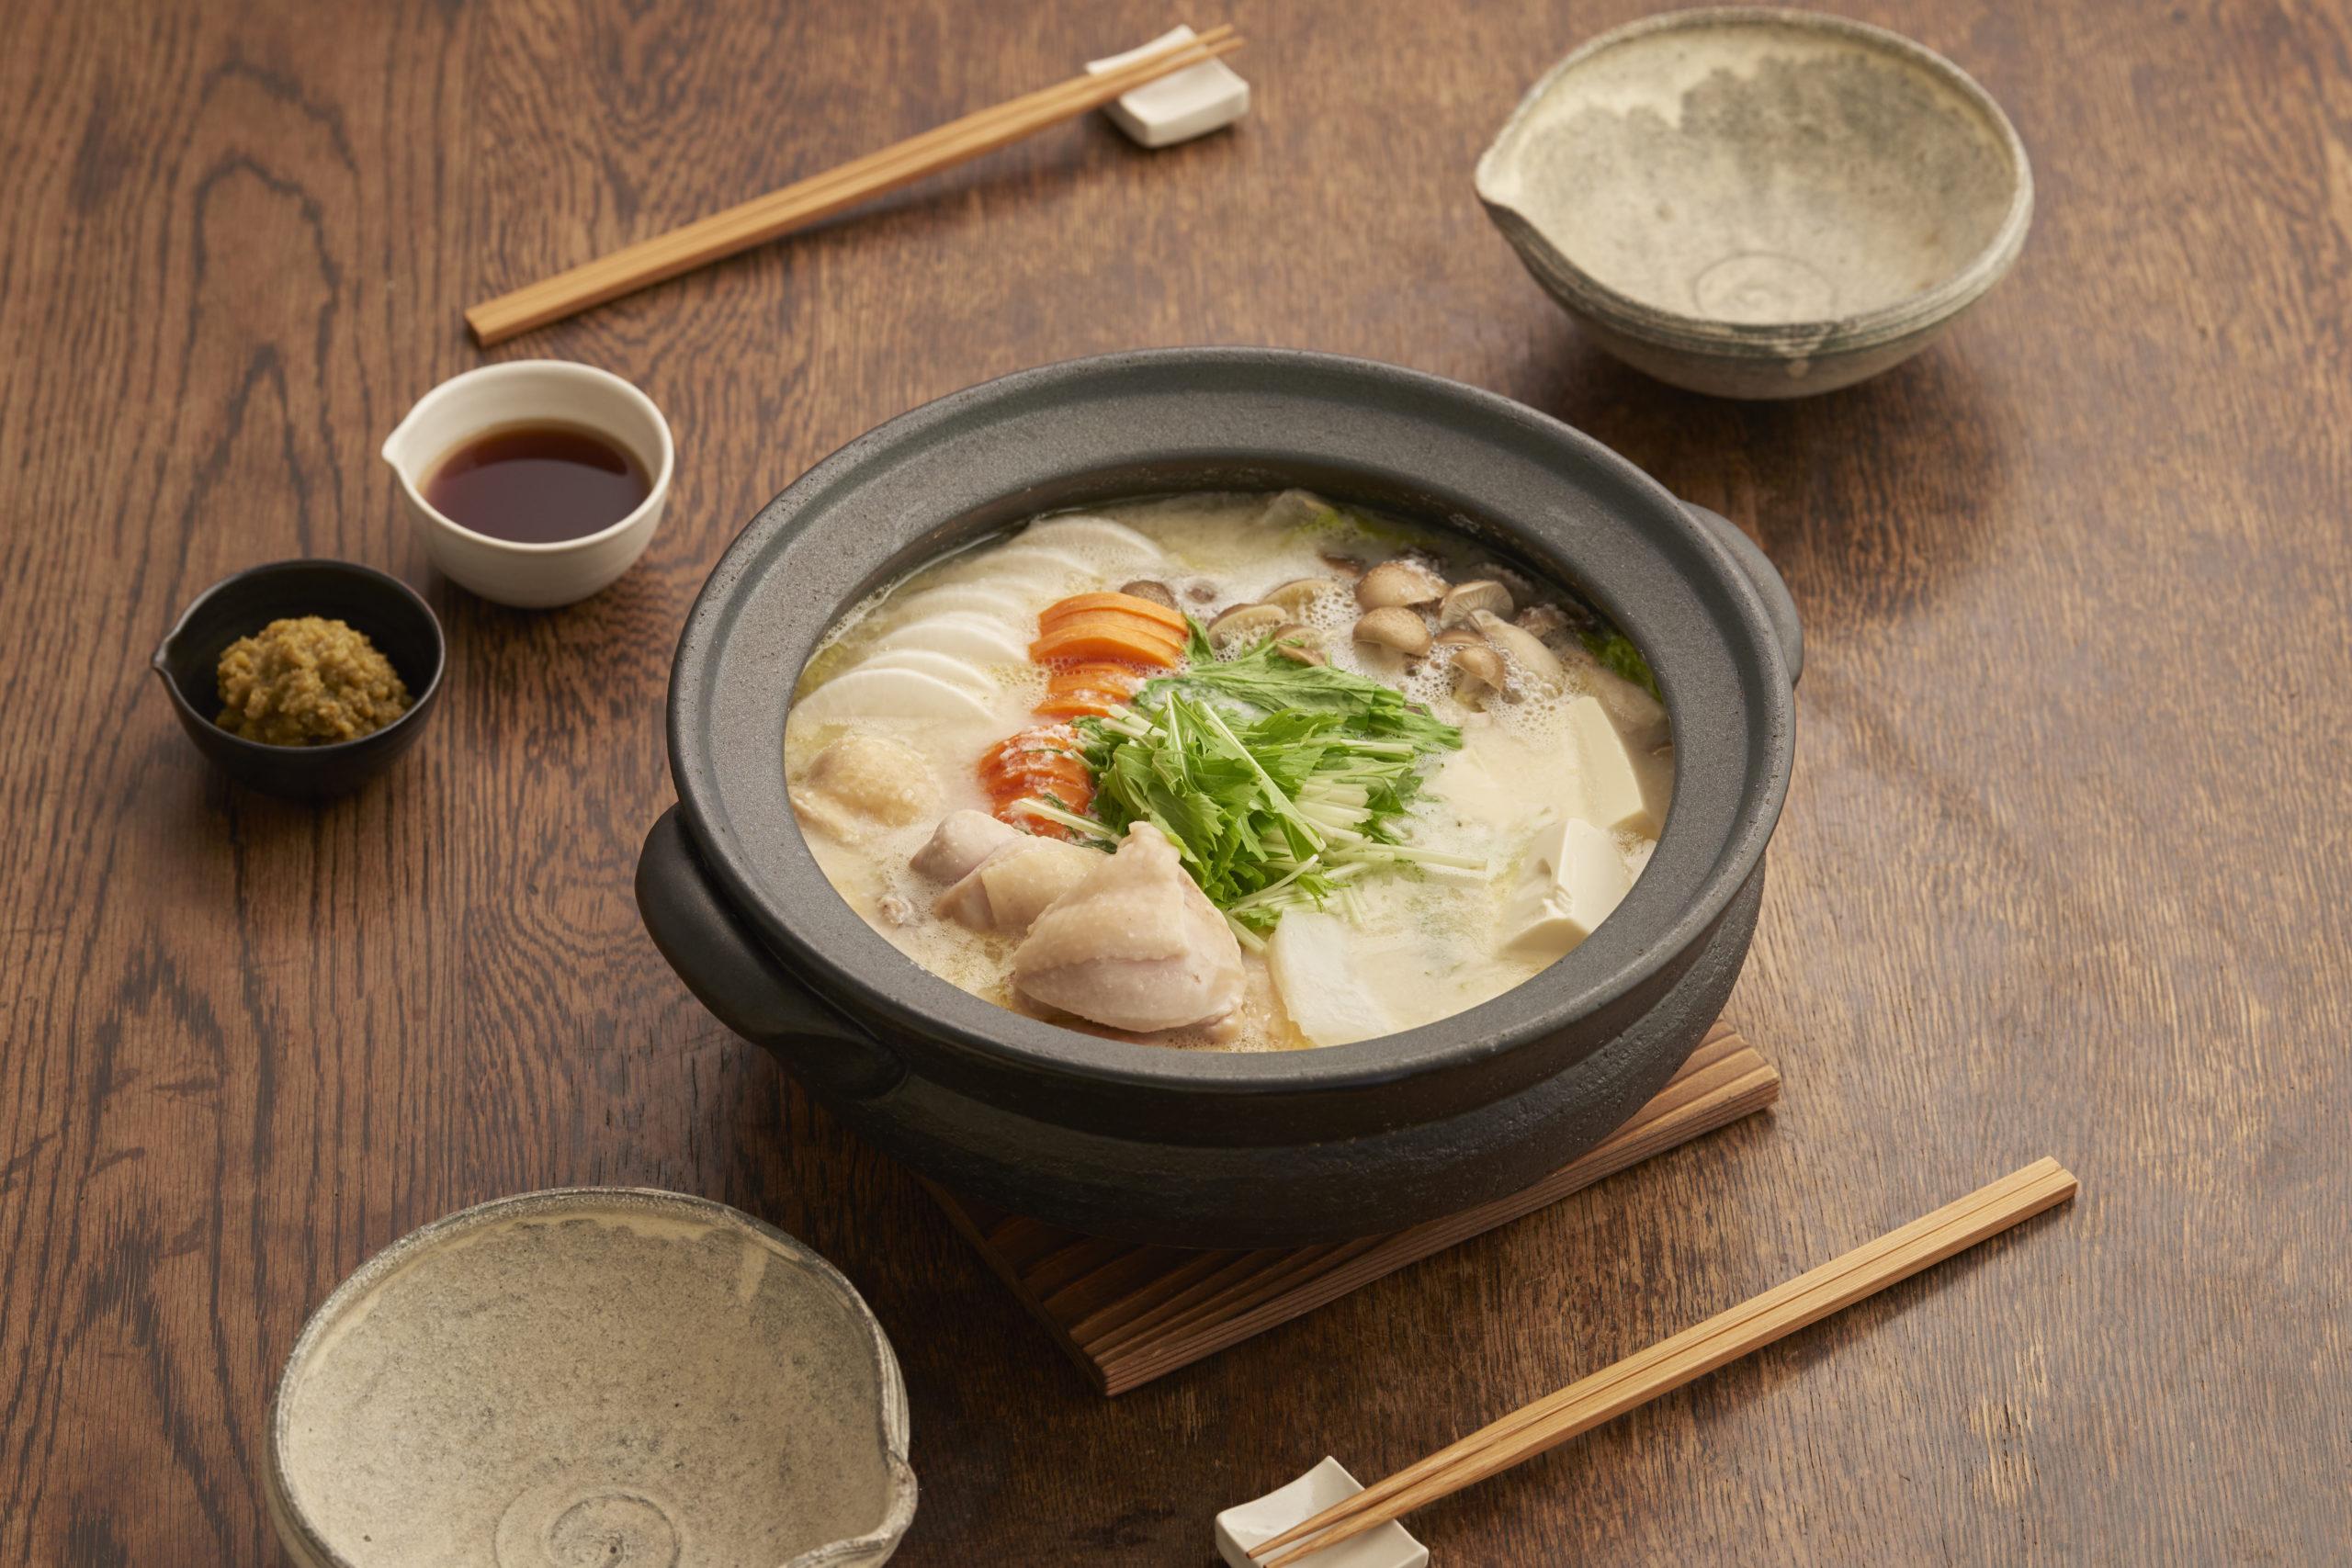 発酵スープの菌活水炊き鍋